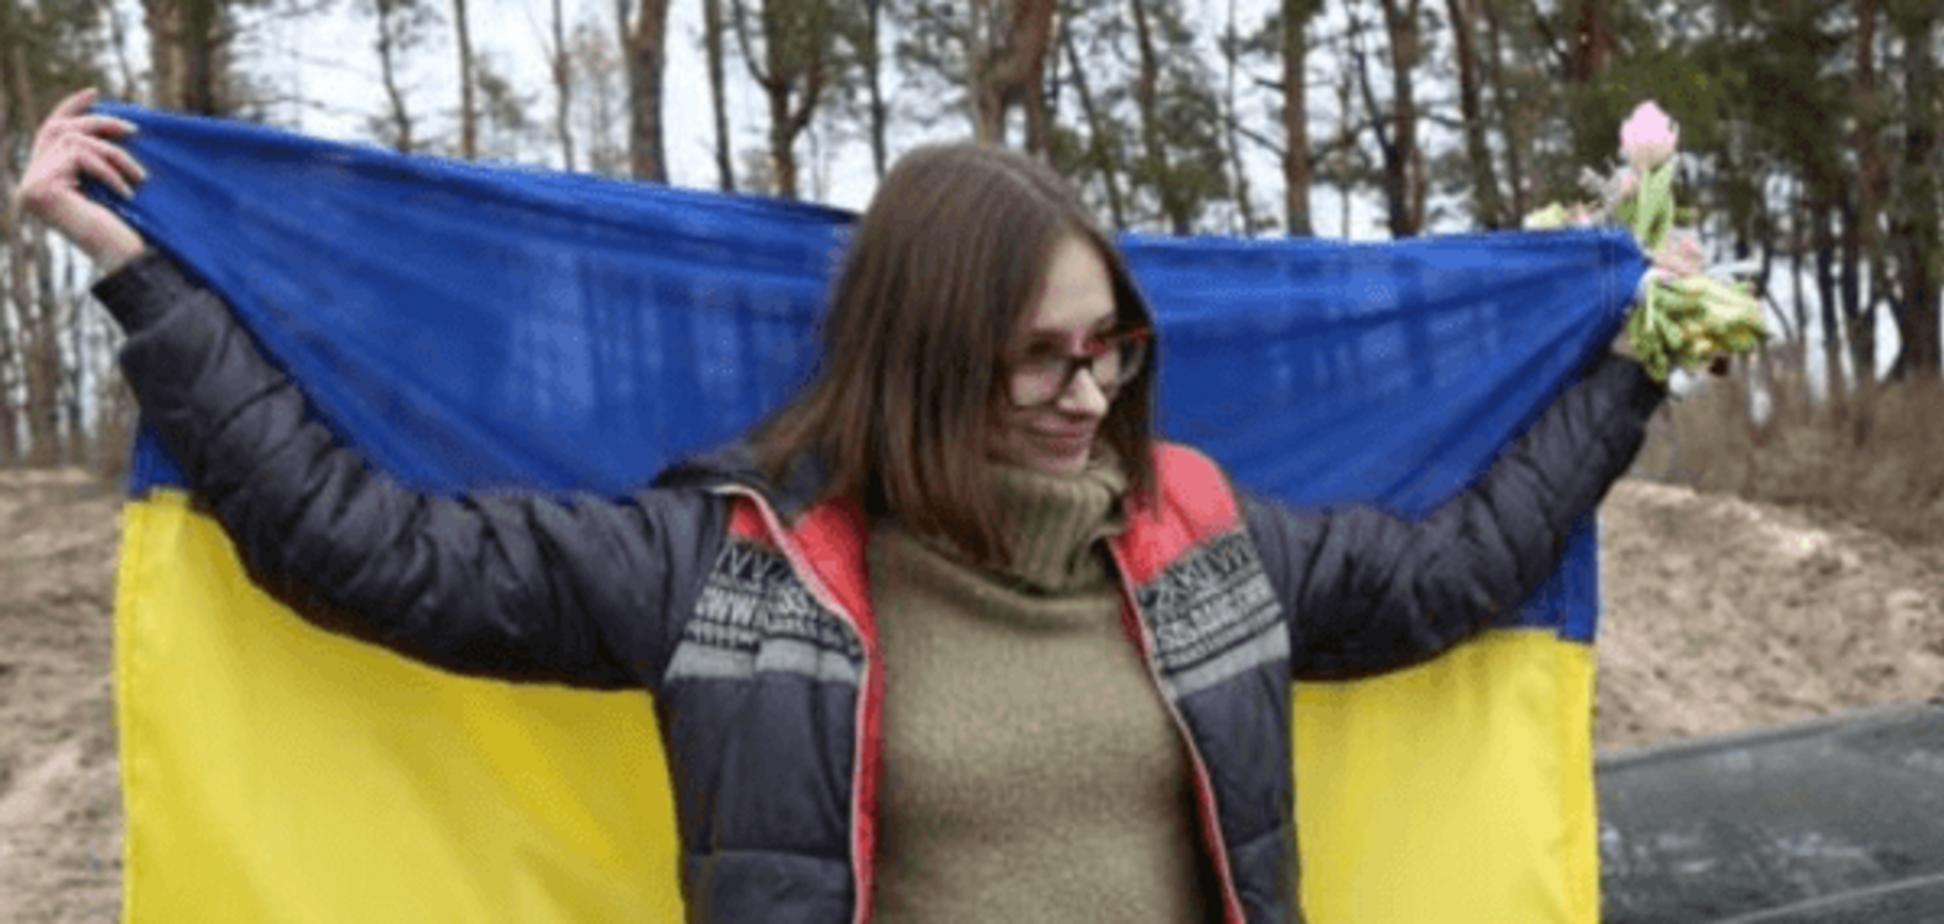 Варфоломеева об ожидании обмена: есть не могла физически, но заставляла себя